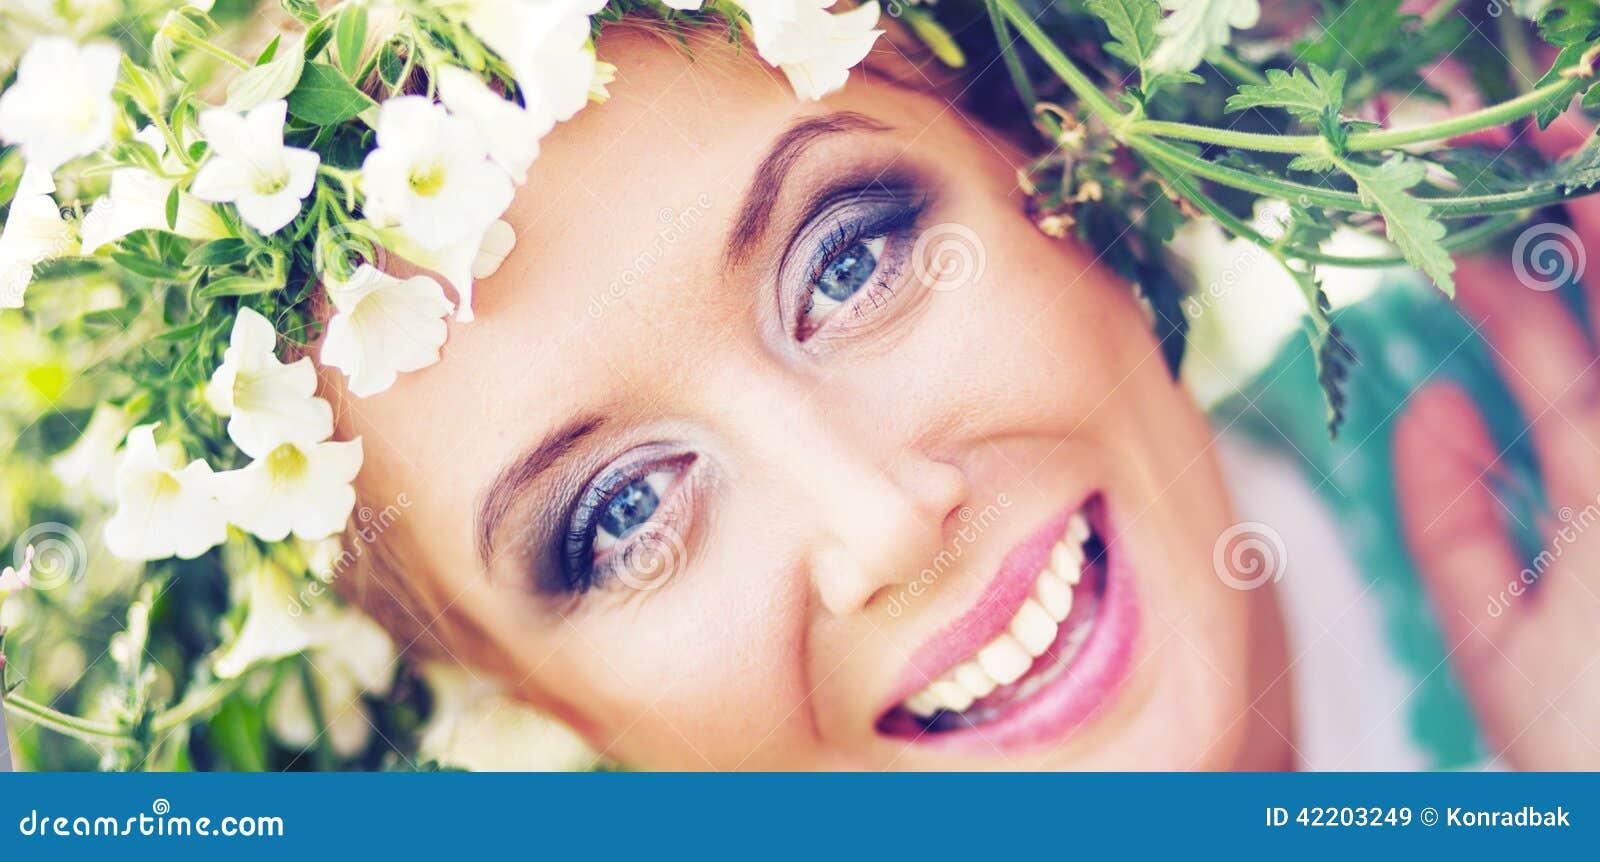 Привлекательная блондинка с красочным венком на голове